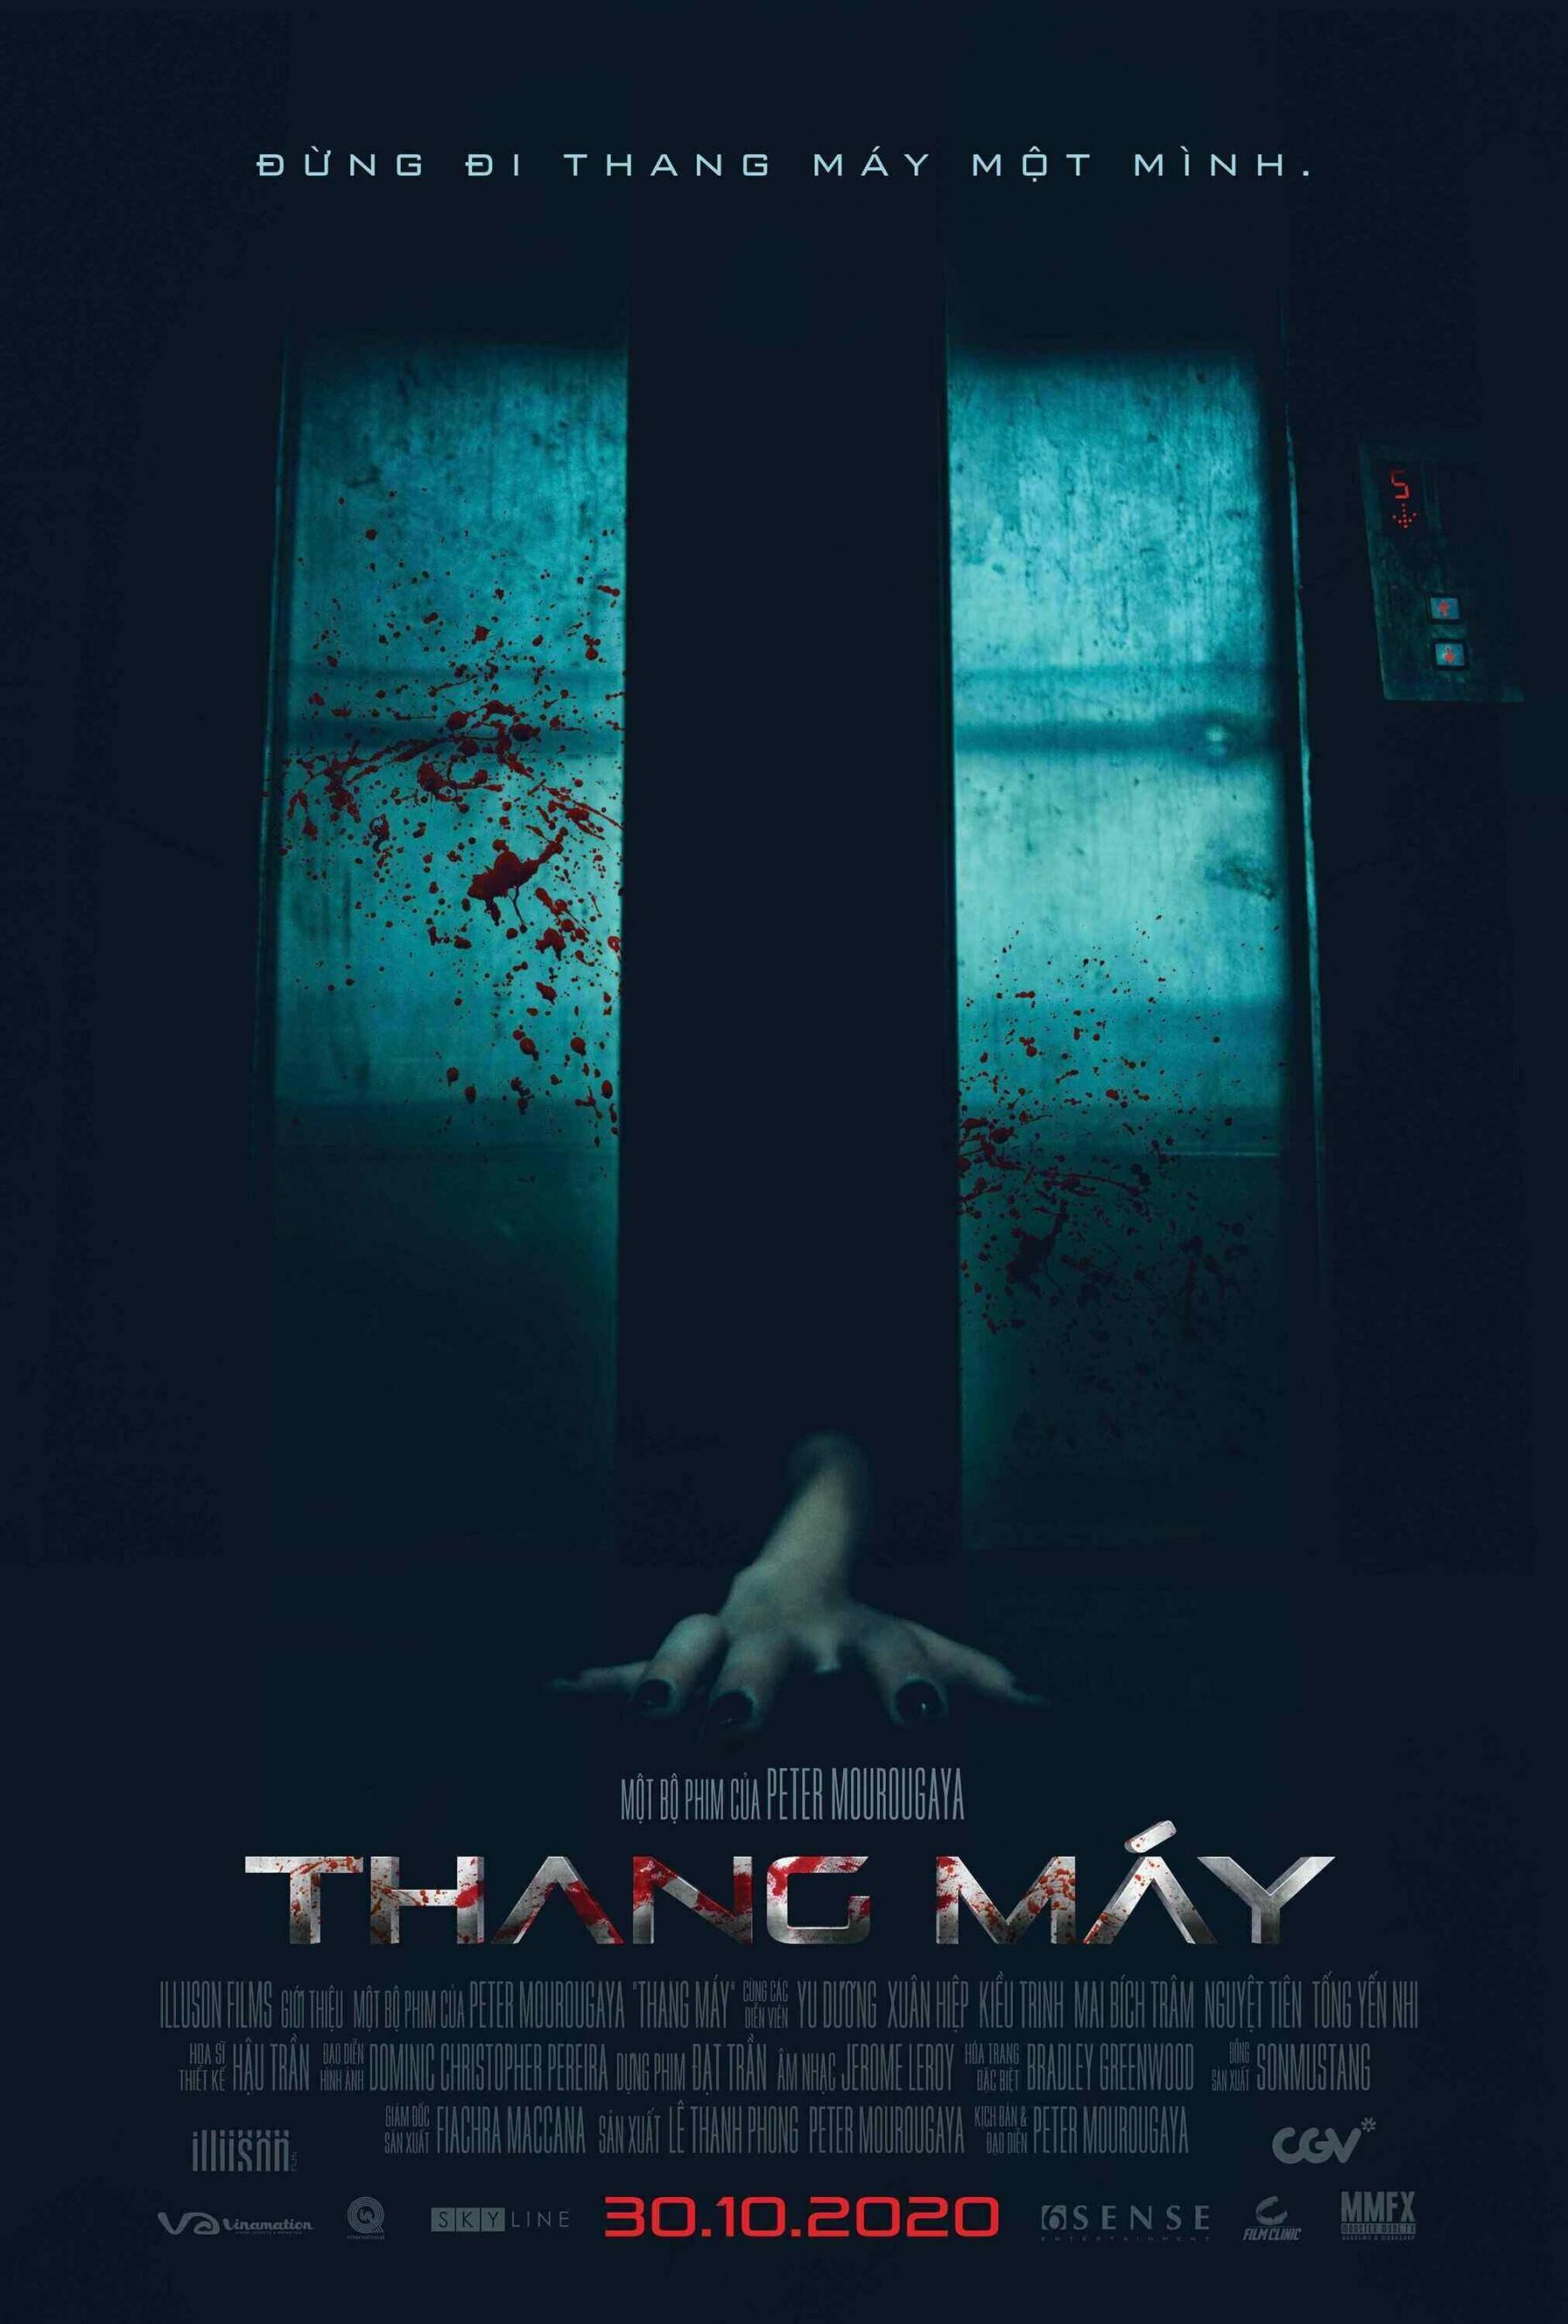 THANG MÁY - THE LIFT